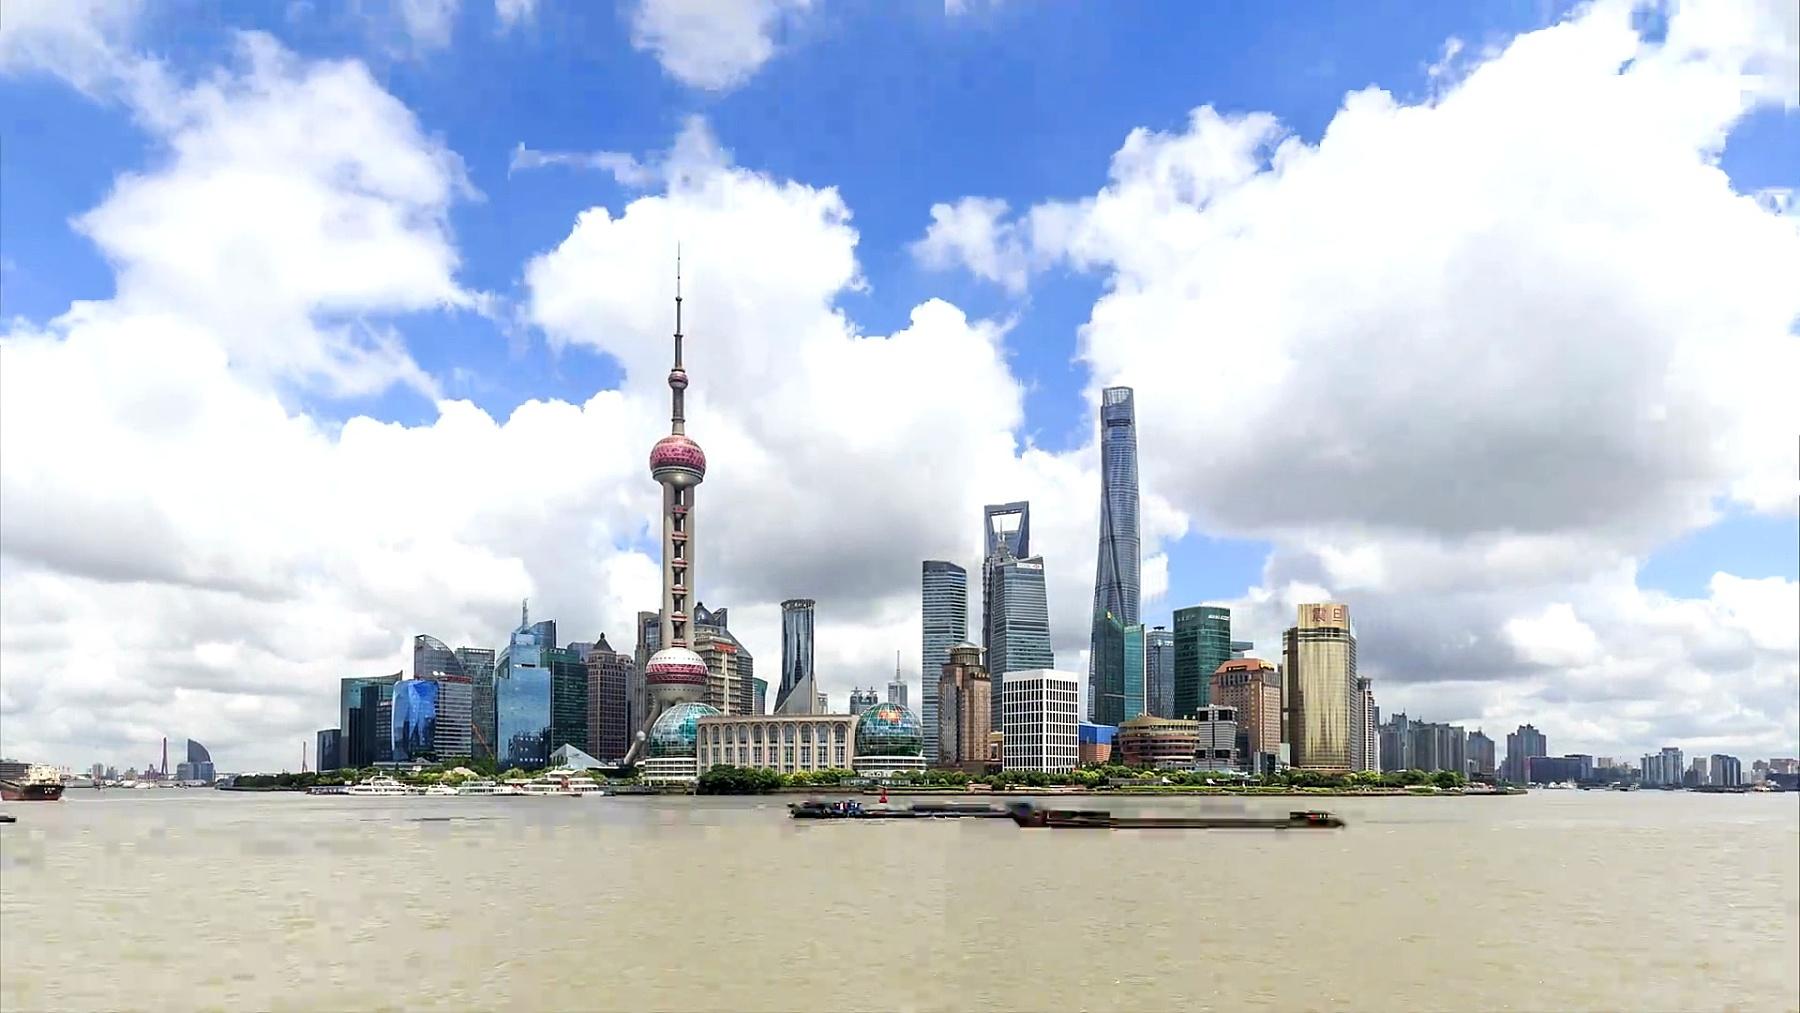 上海天际线与城市景观的延时摄影